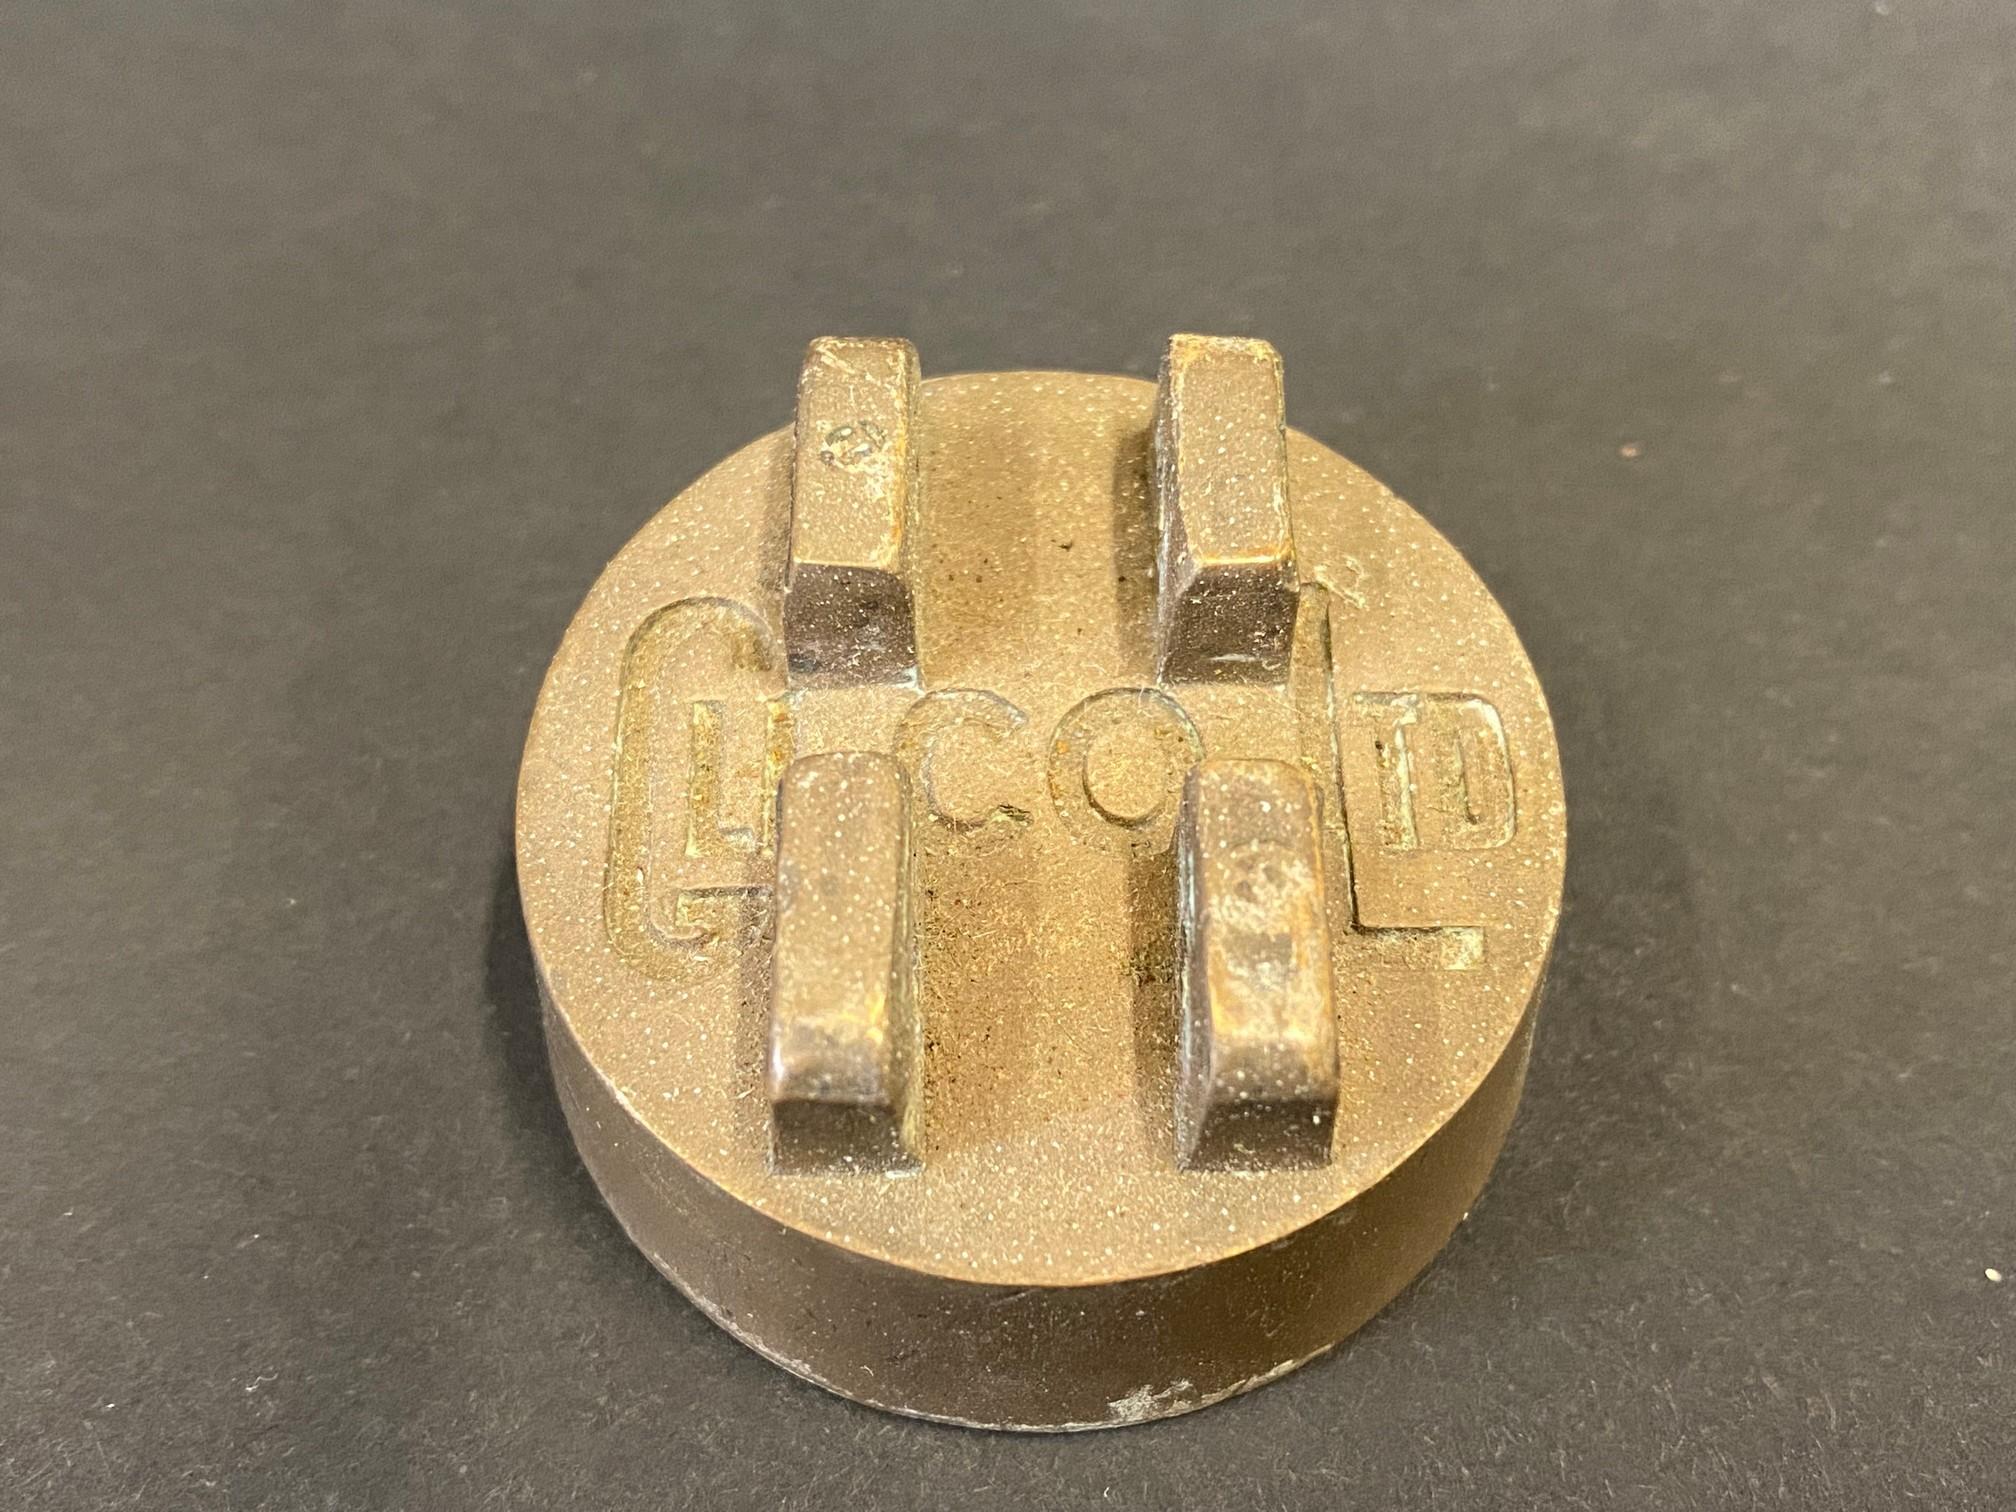 A Glico two gallon petrol can cap.